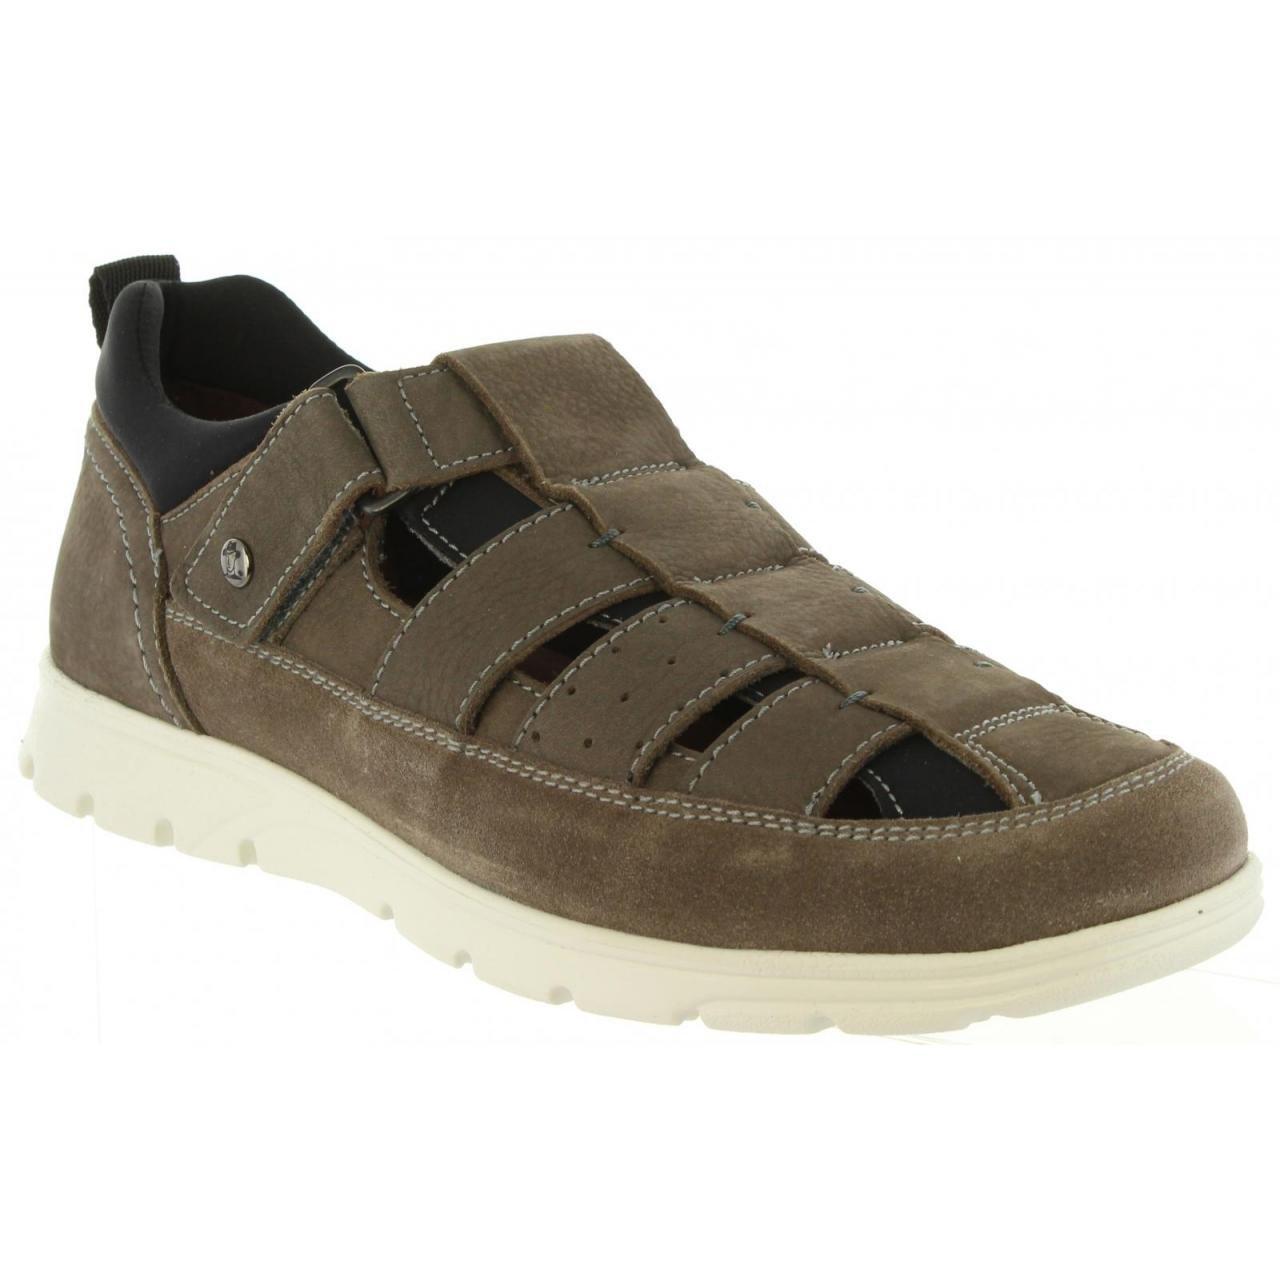 PANAMA JACK Sandalias de Hombre Donovan C4 Nobuck Gris: Amazon.es: Zapatos y complementos